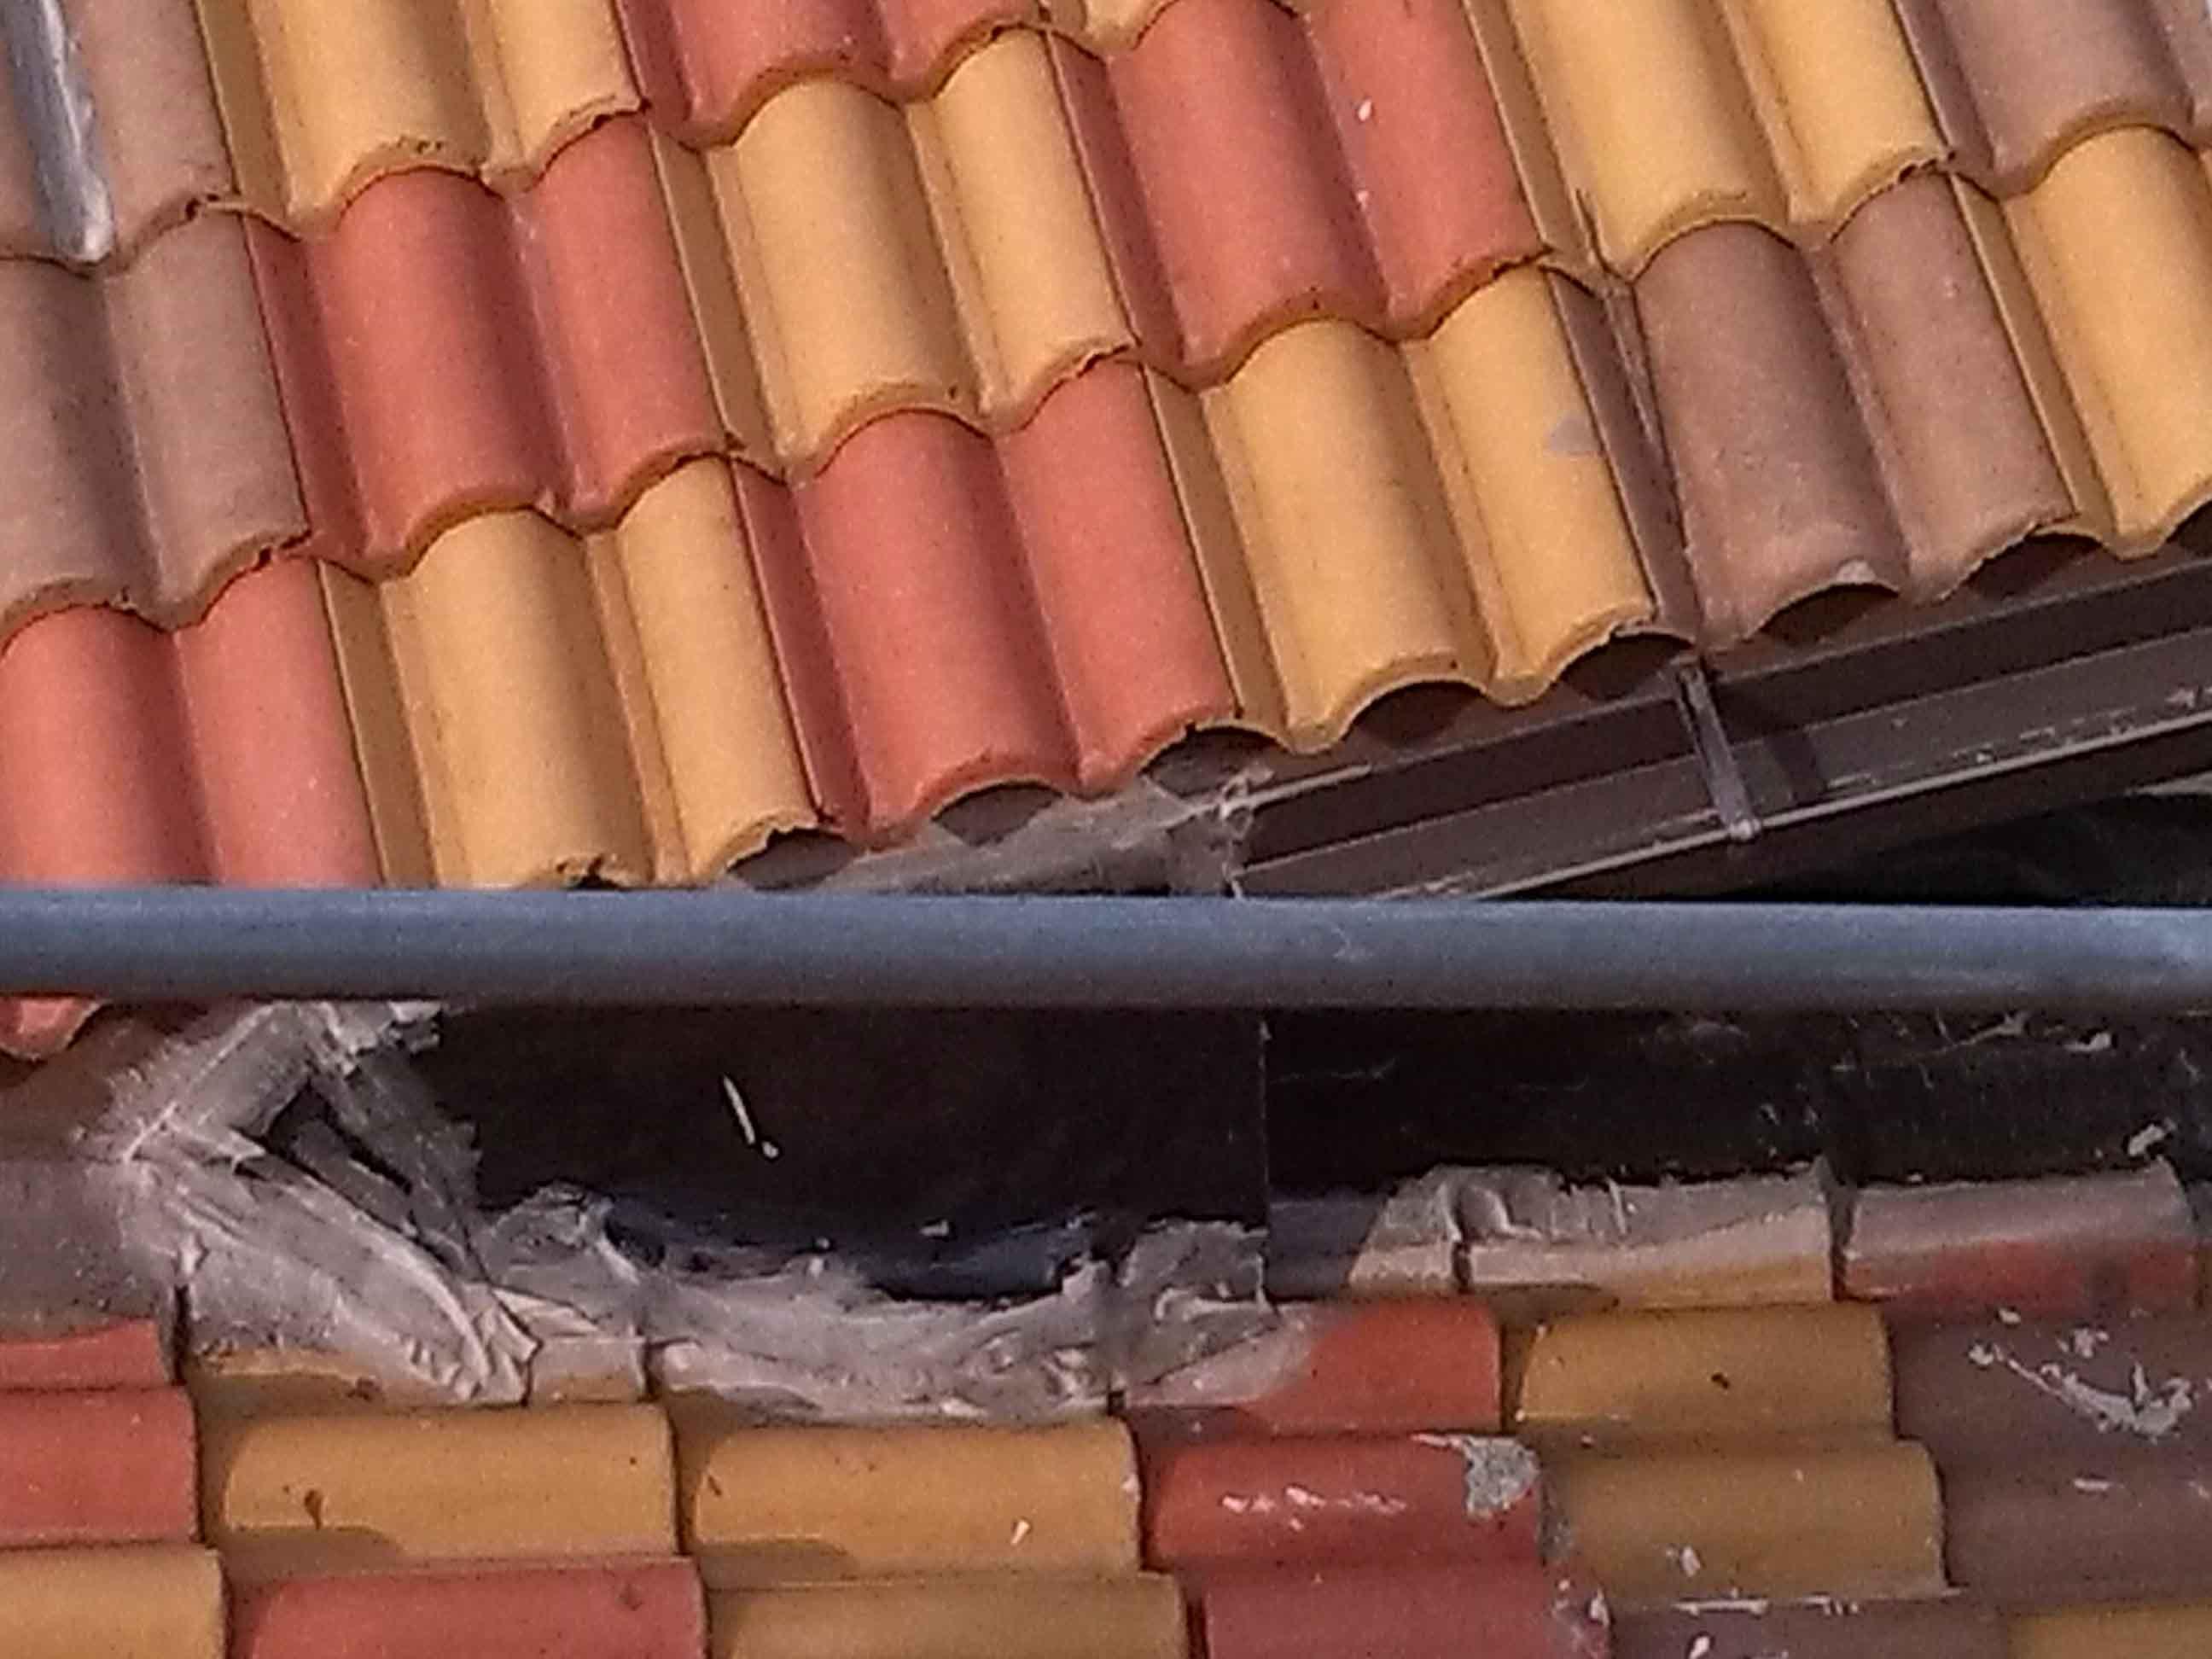 彩钢瓦屋顶防水公司 彩钢瓦屋顶防水公司哪家好